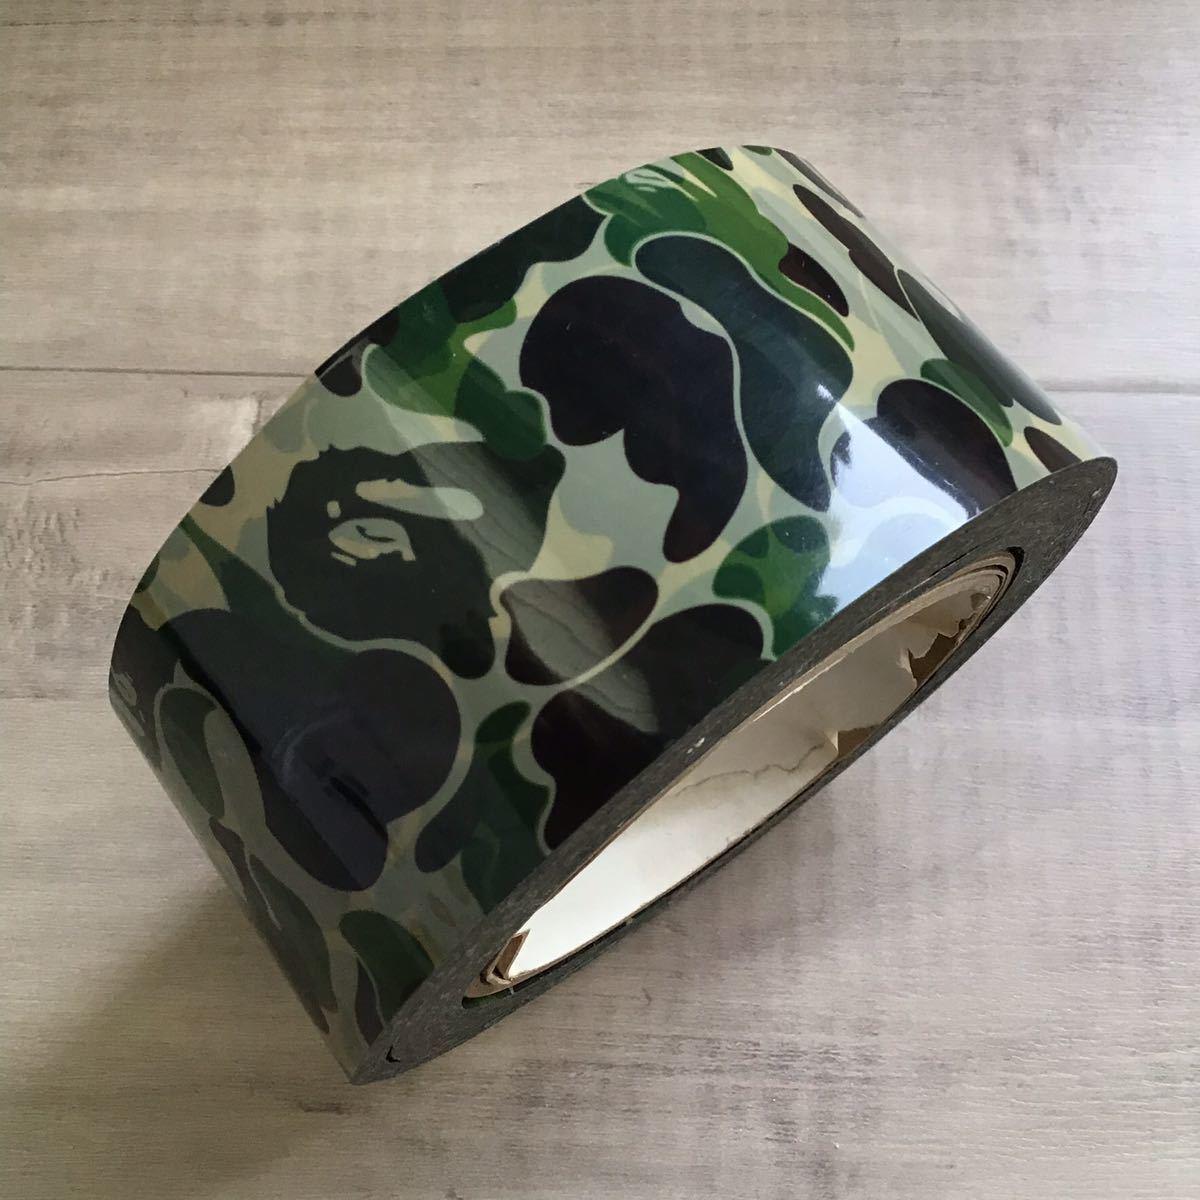 ★激レア★ bape tape テープ ABC camo green a bathing ape コレクション エイプ ベイプ アベイシングエイプ ABCカモ グリーン 迷彩 809